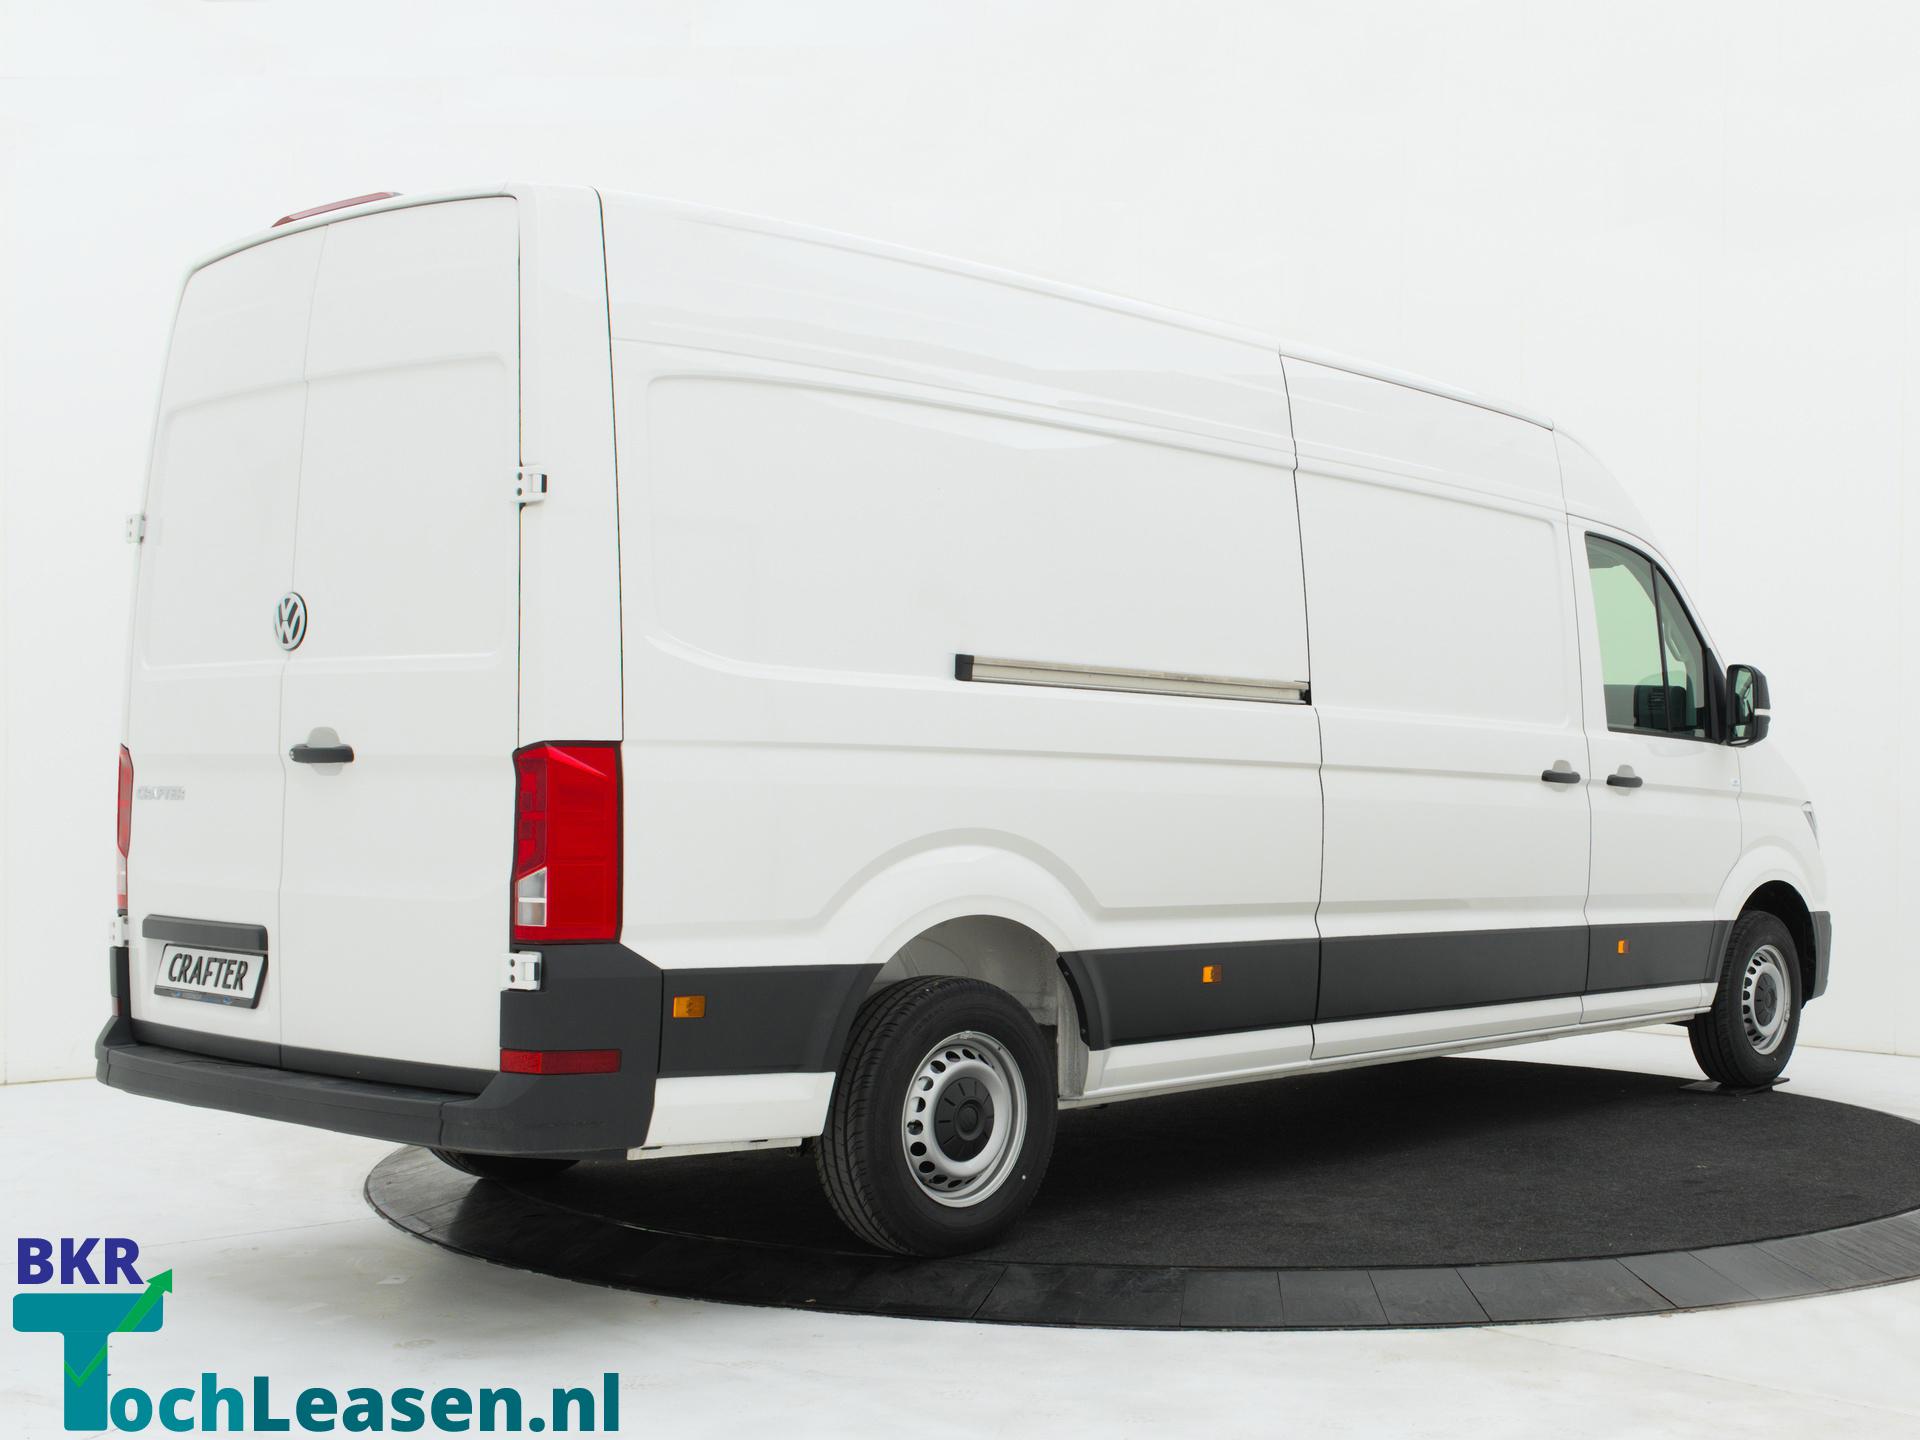 BkrTochLeasen.nl - Witte Volkswagen Crafter 2